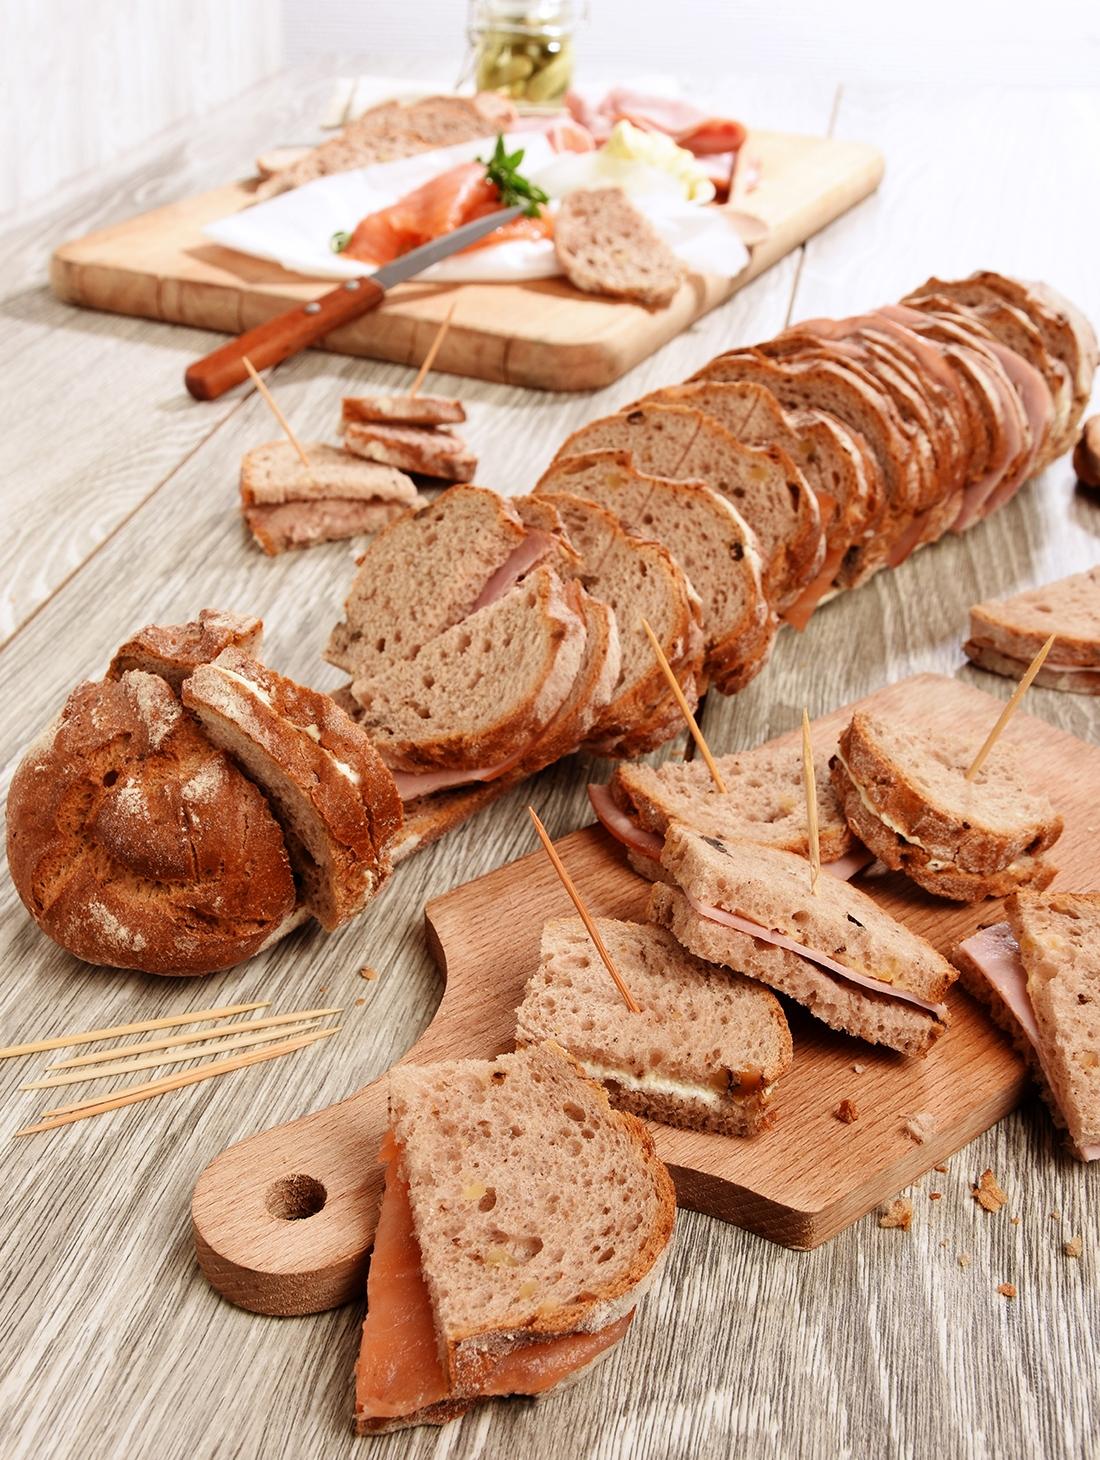 Pain aux noix 58 toasts